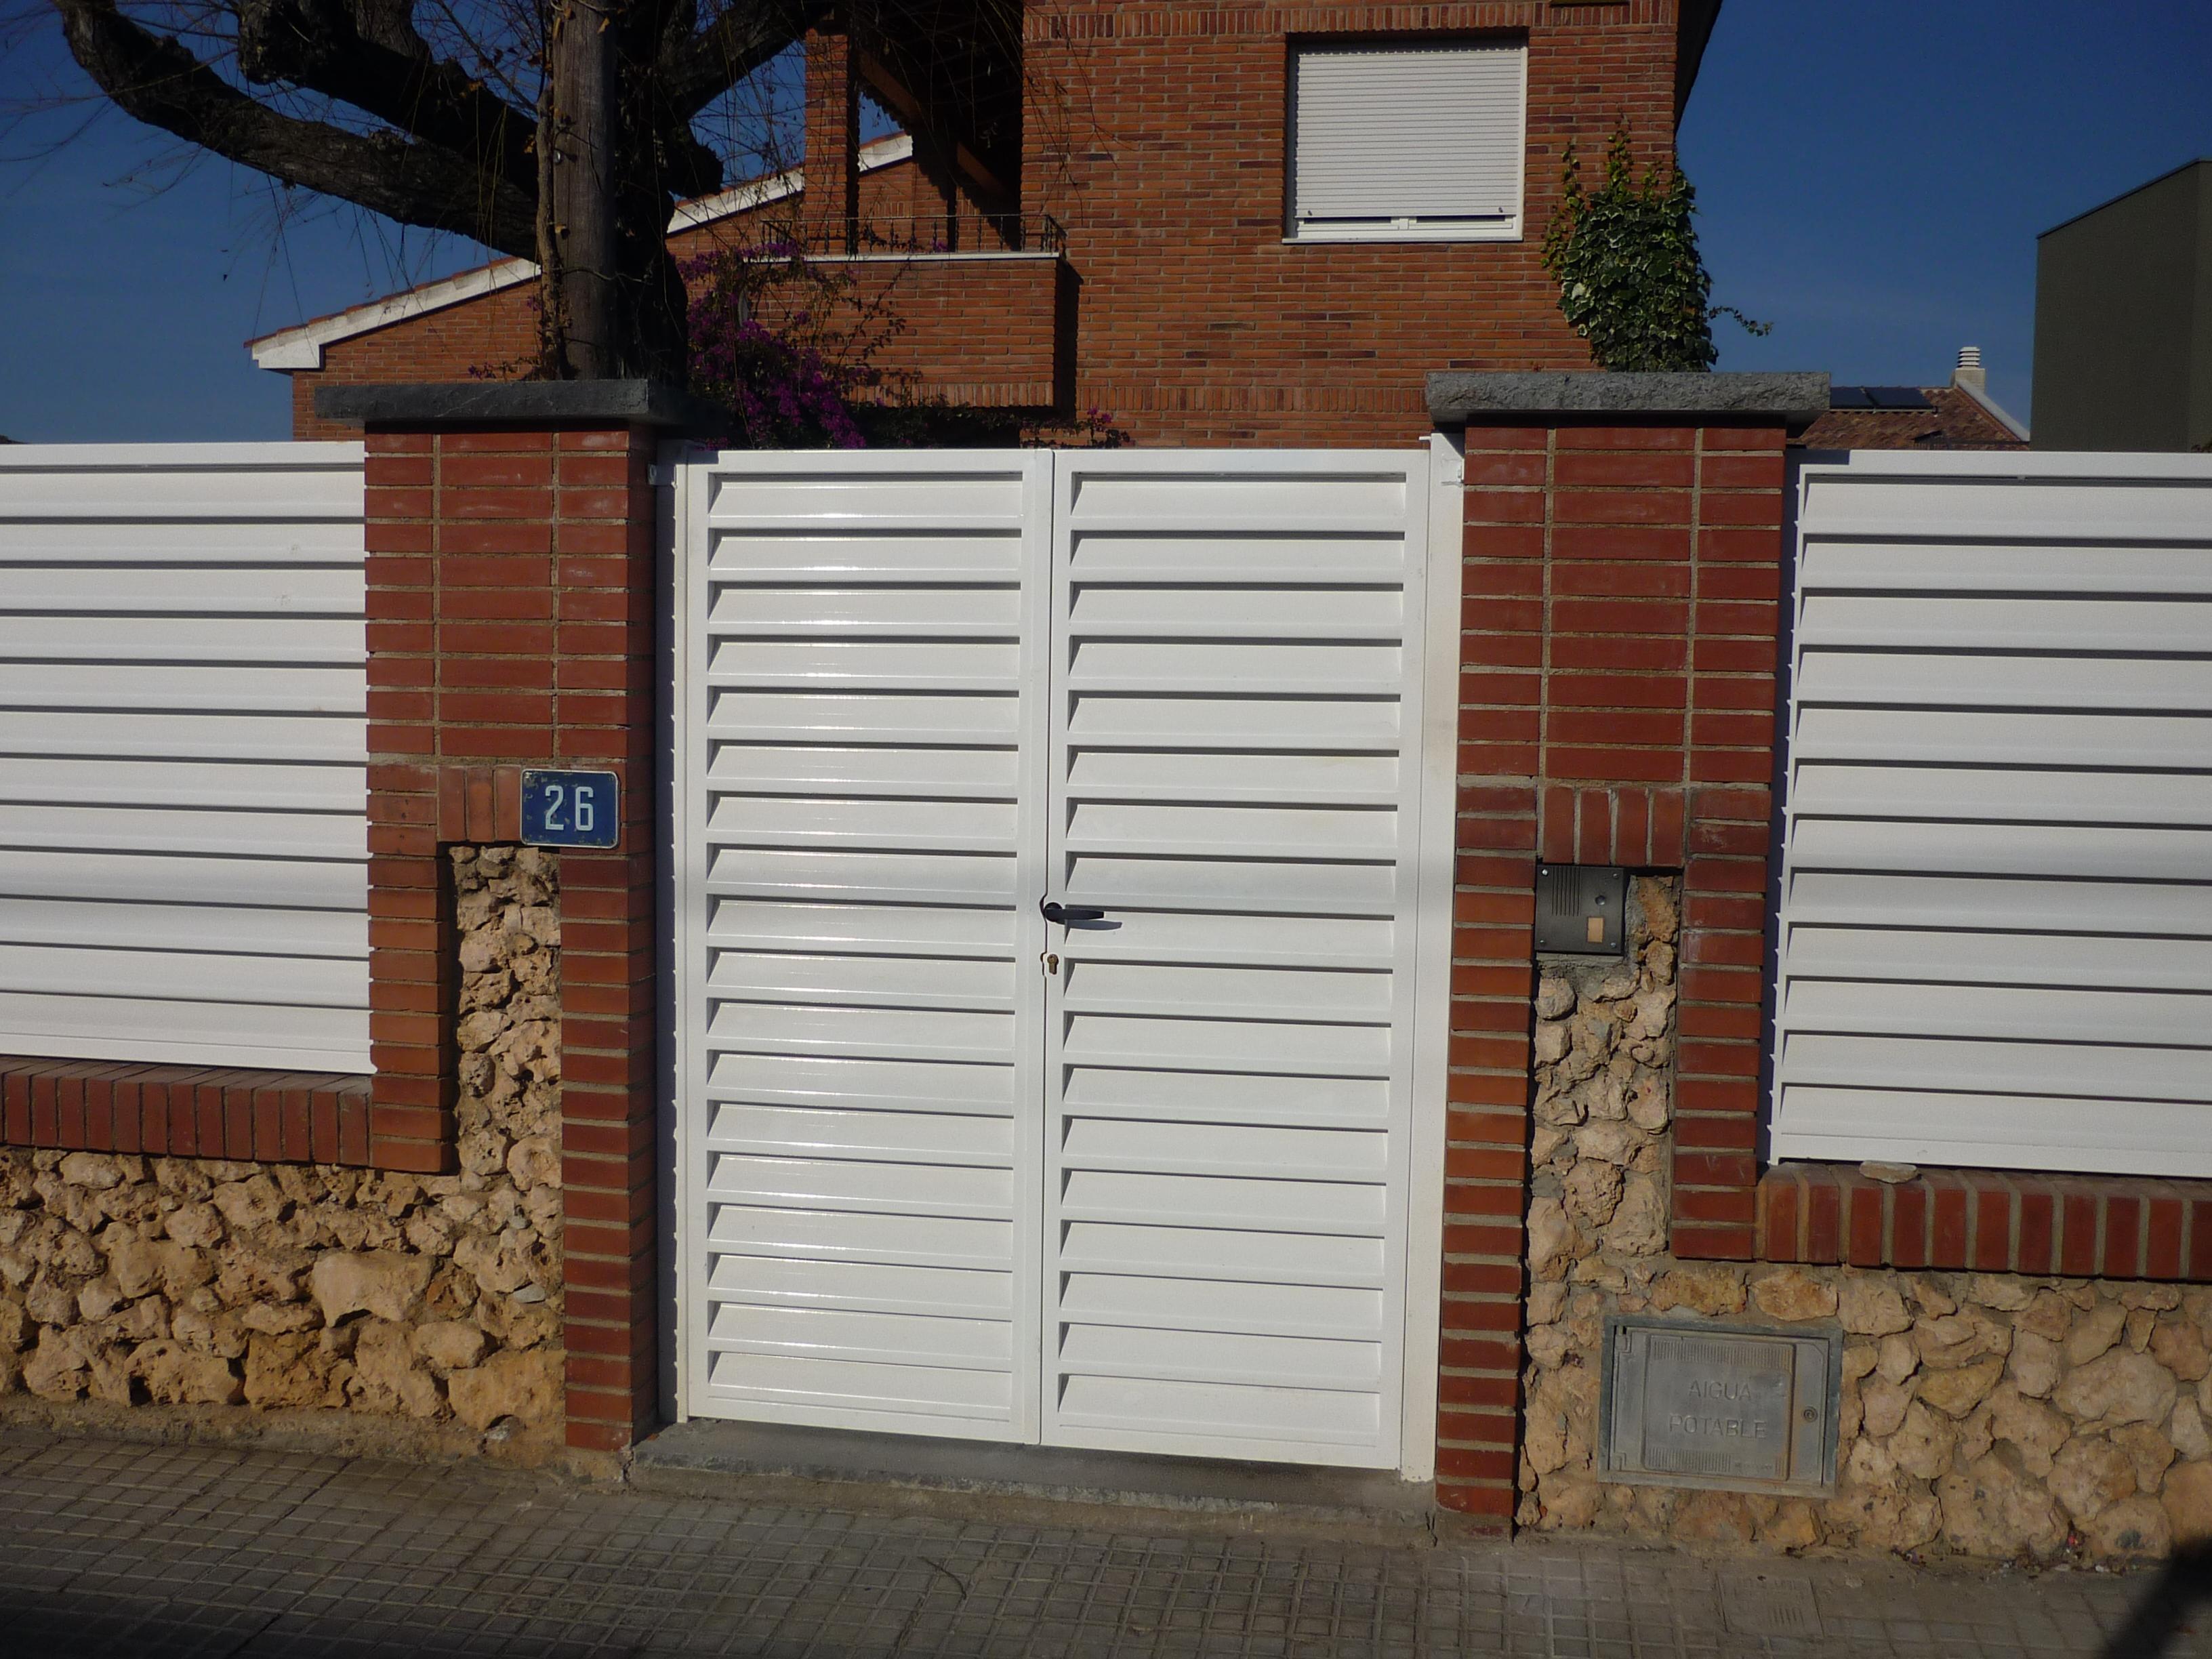 Puertas archivos vinuesa vallas cercados for Puertas venecianas